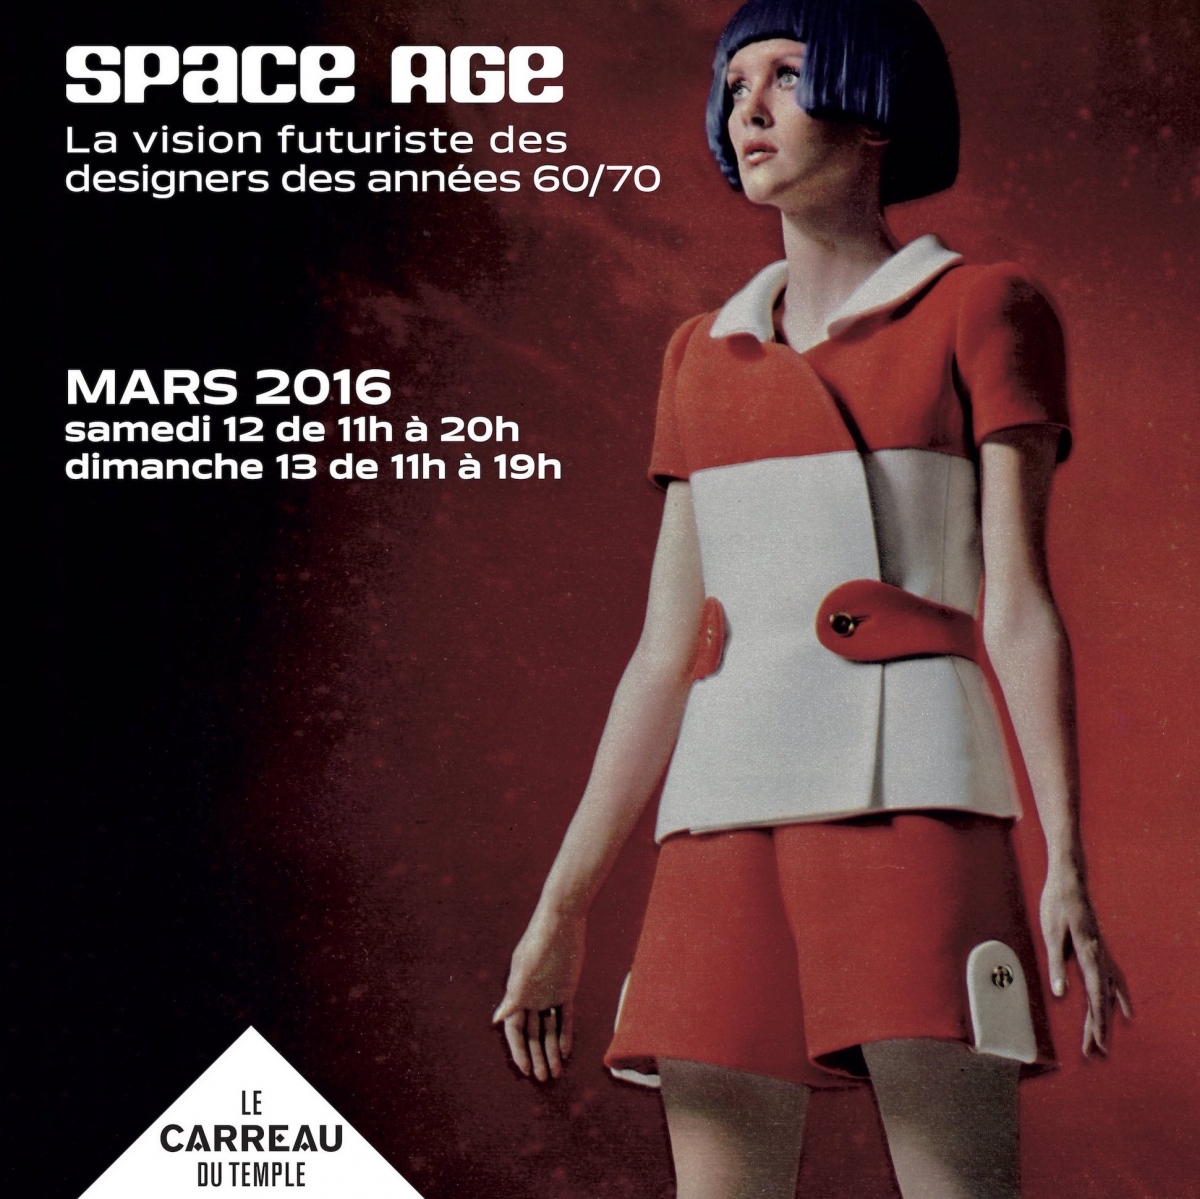 Space Age Salon Futuriste Des Designers 60 39 S 70 39 S